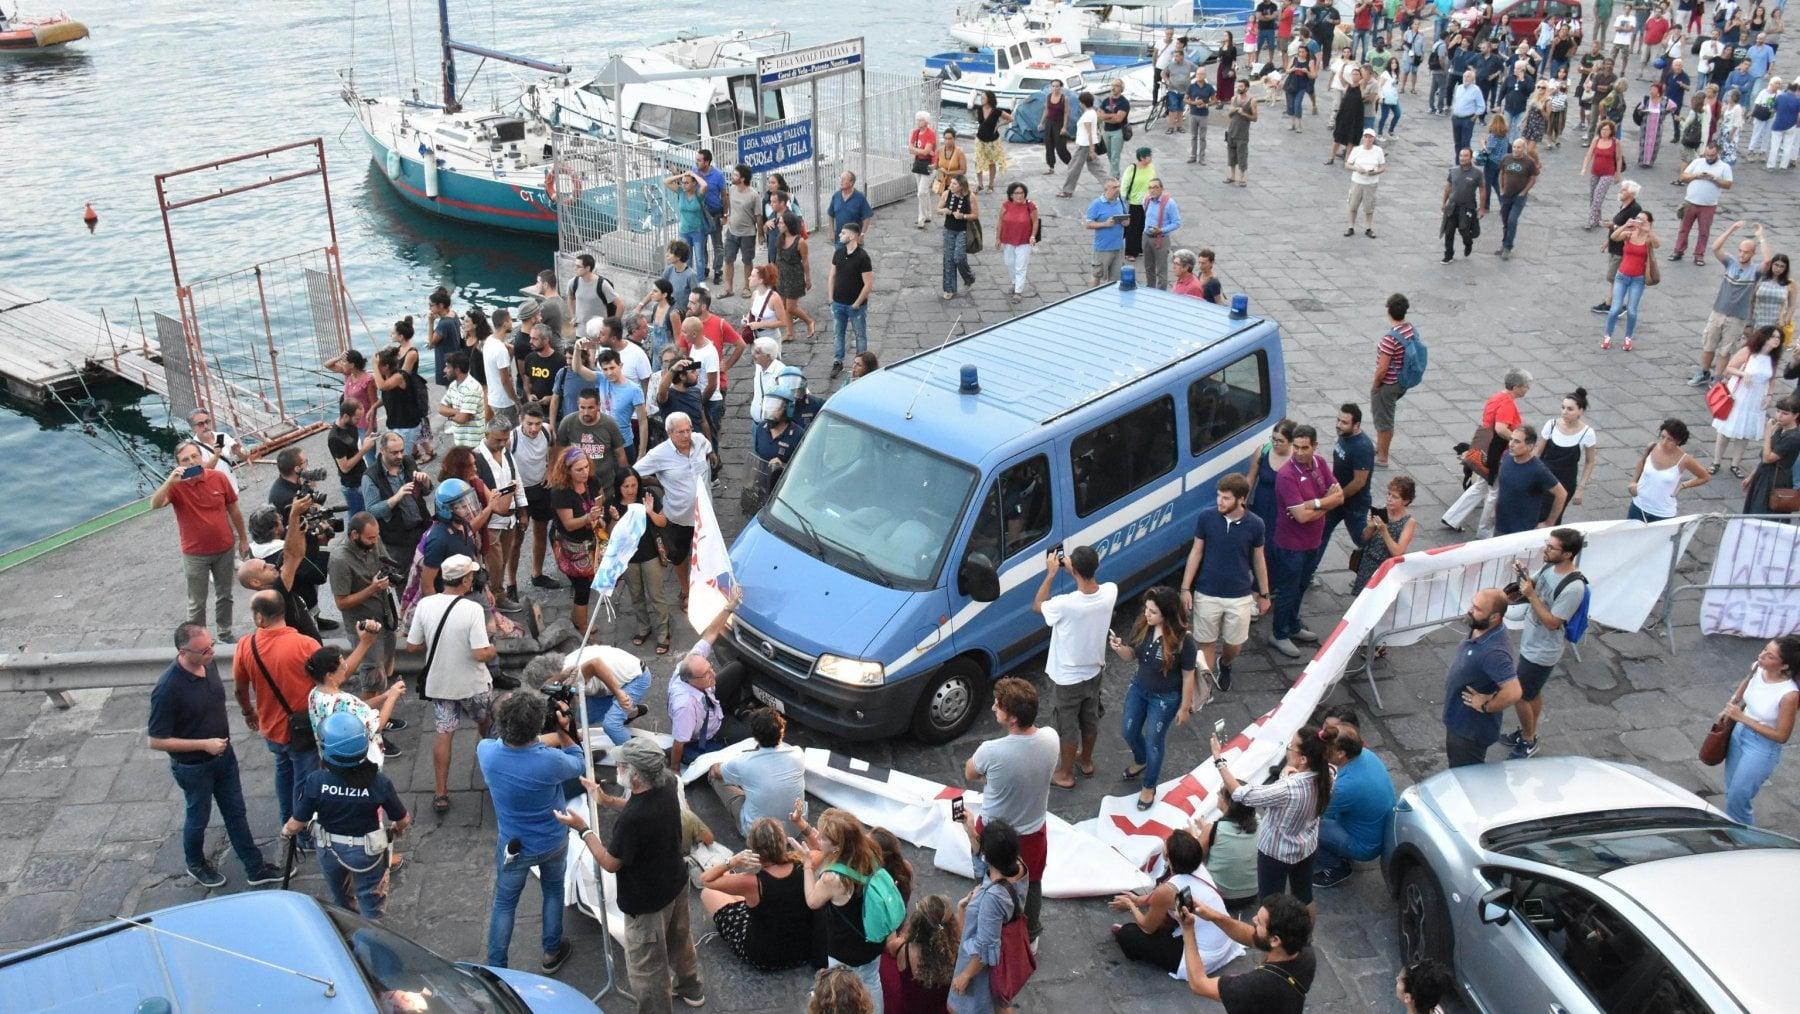 Diciotti, svolta: sbarcano tutti. Accolti da Chiesa, Albania e Irlanda